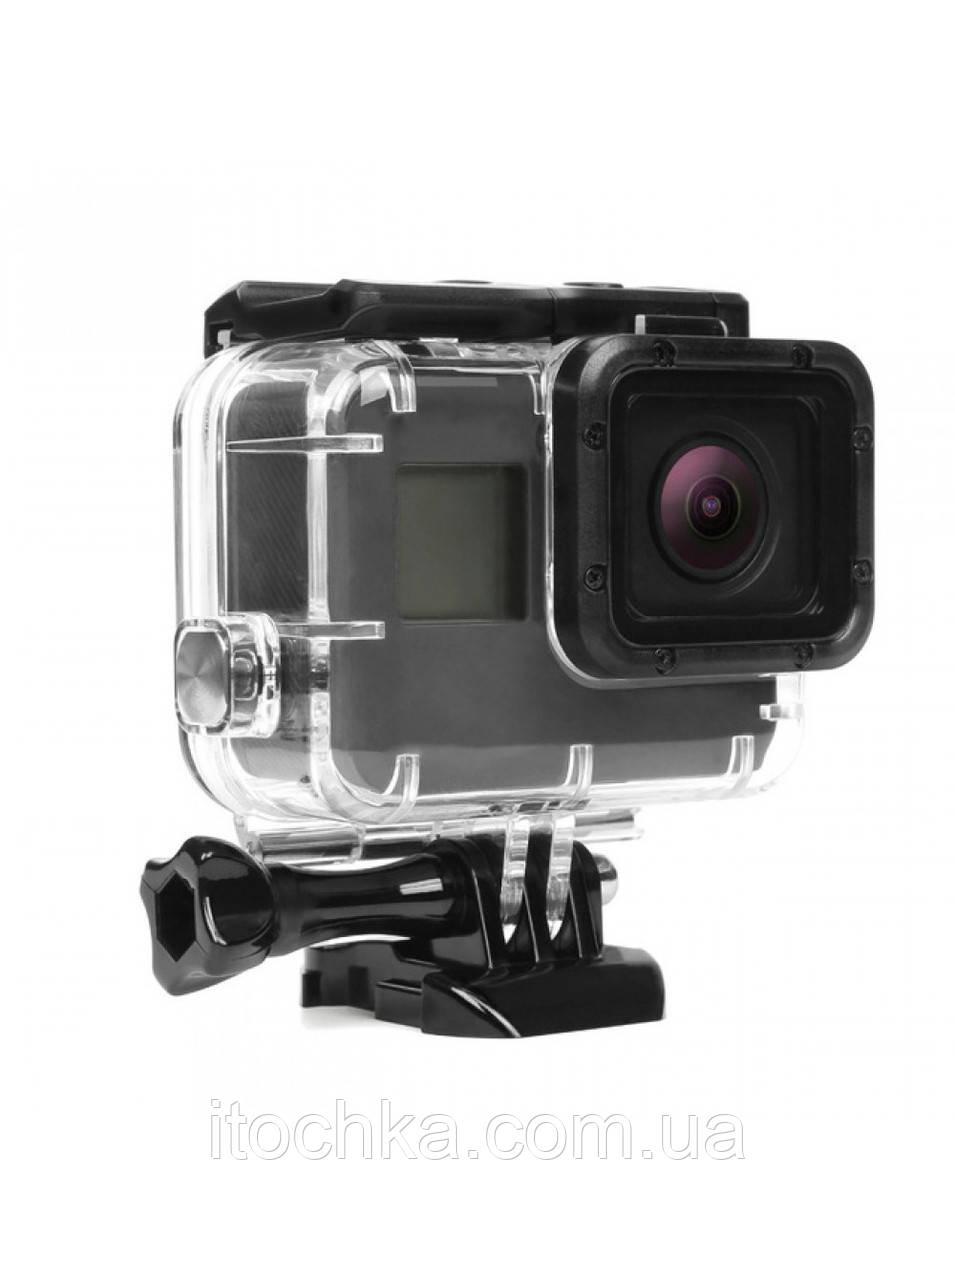 Подводный бокс  для камер GoPro Hero 5/6/7 Black